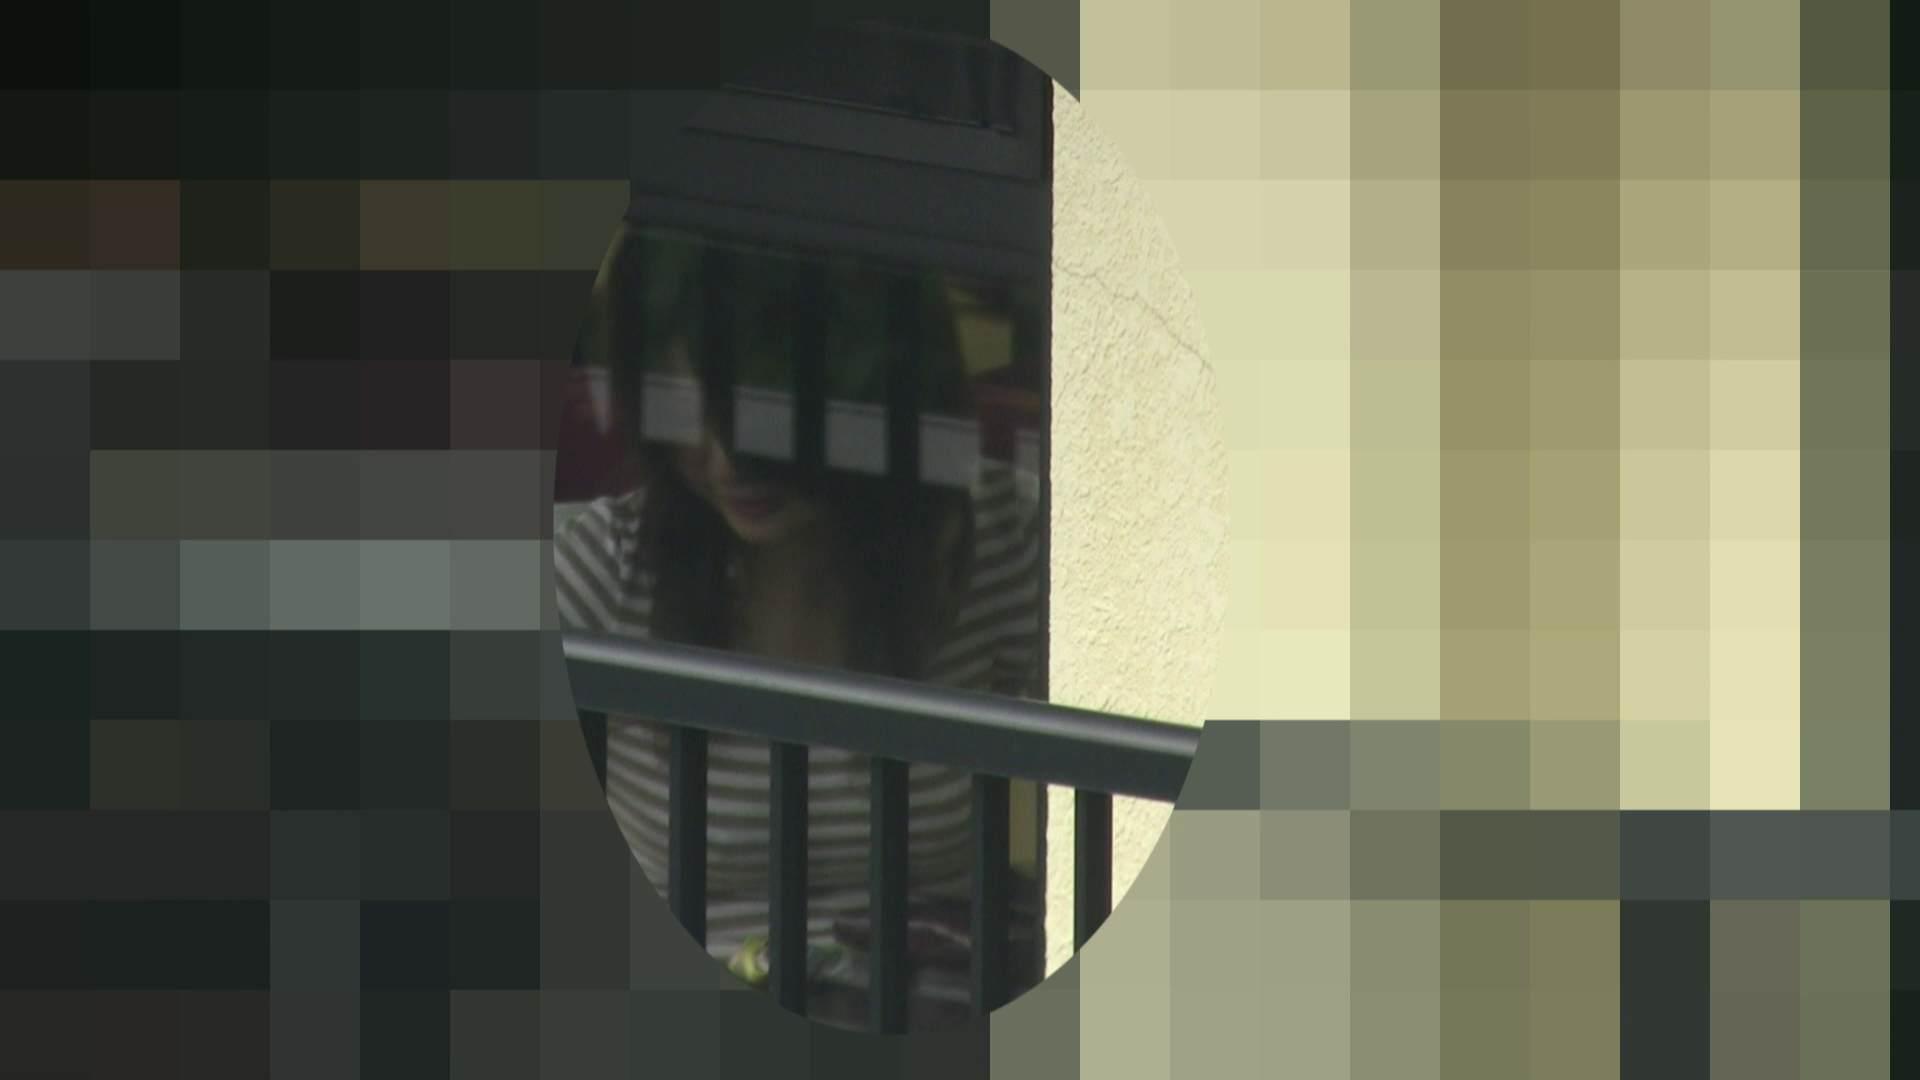 高画質露天女風呂観察 vol.032 ギャル入浴 SEX無修正画像 101連発 89